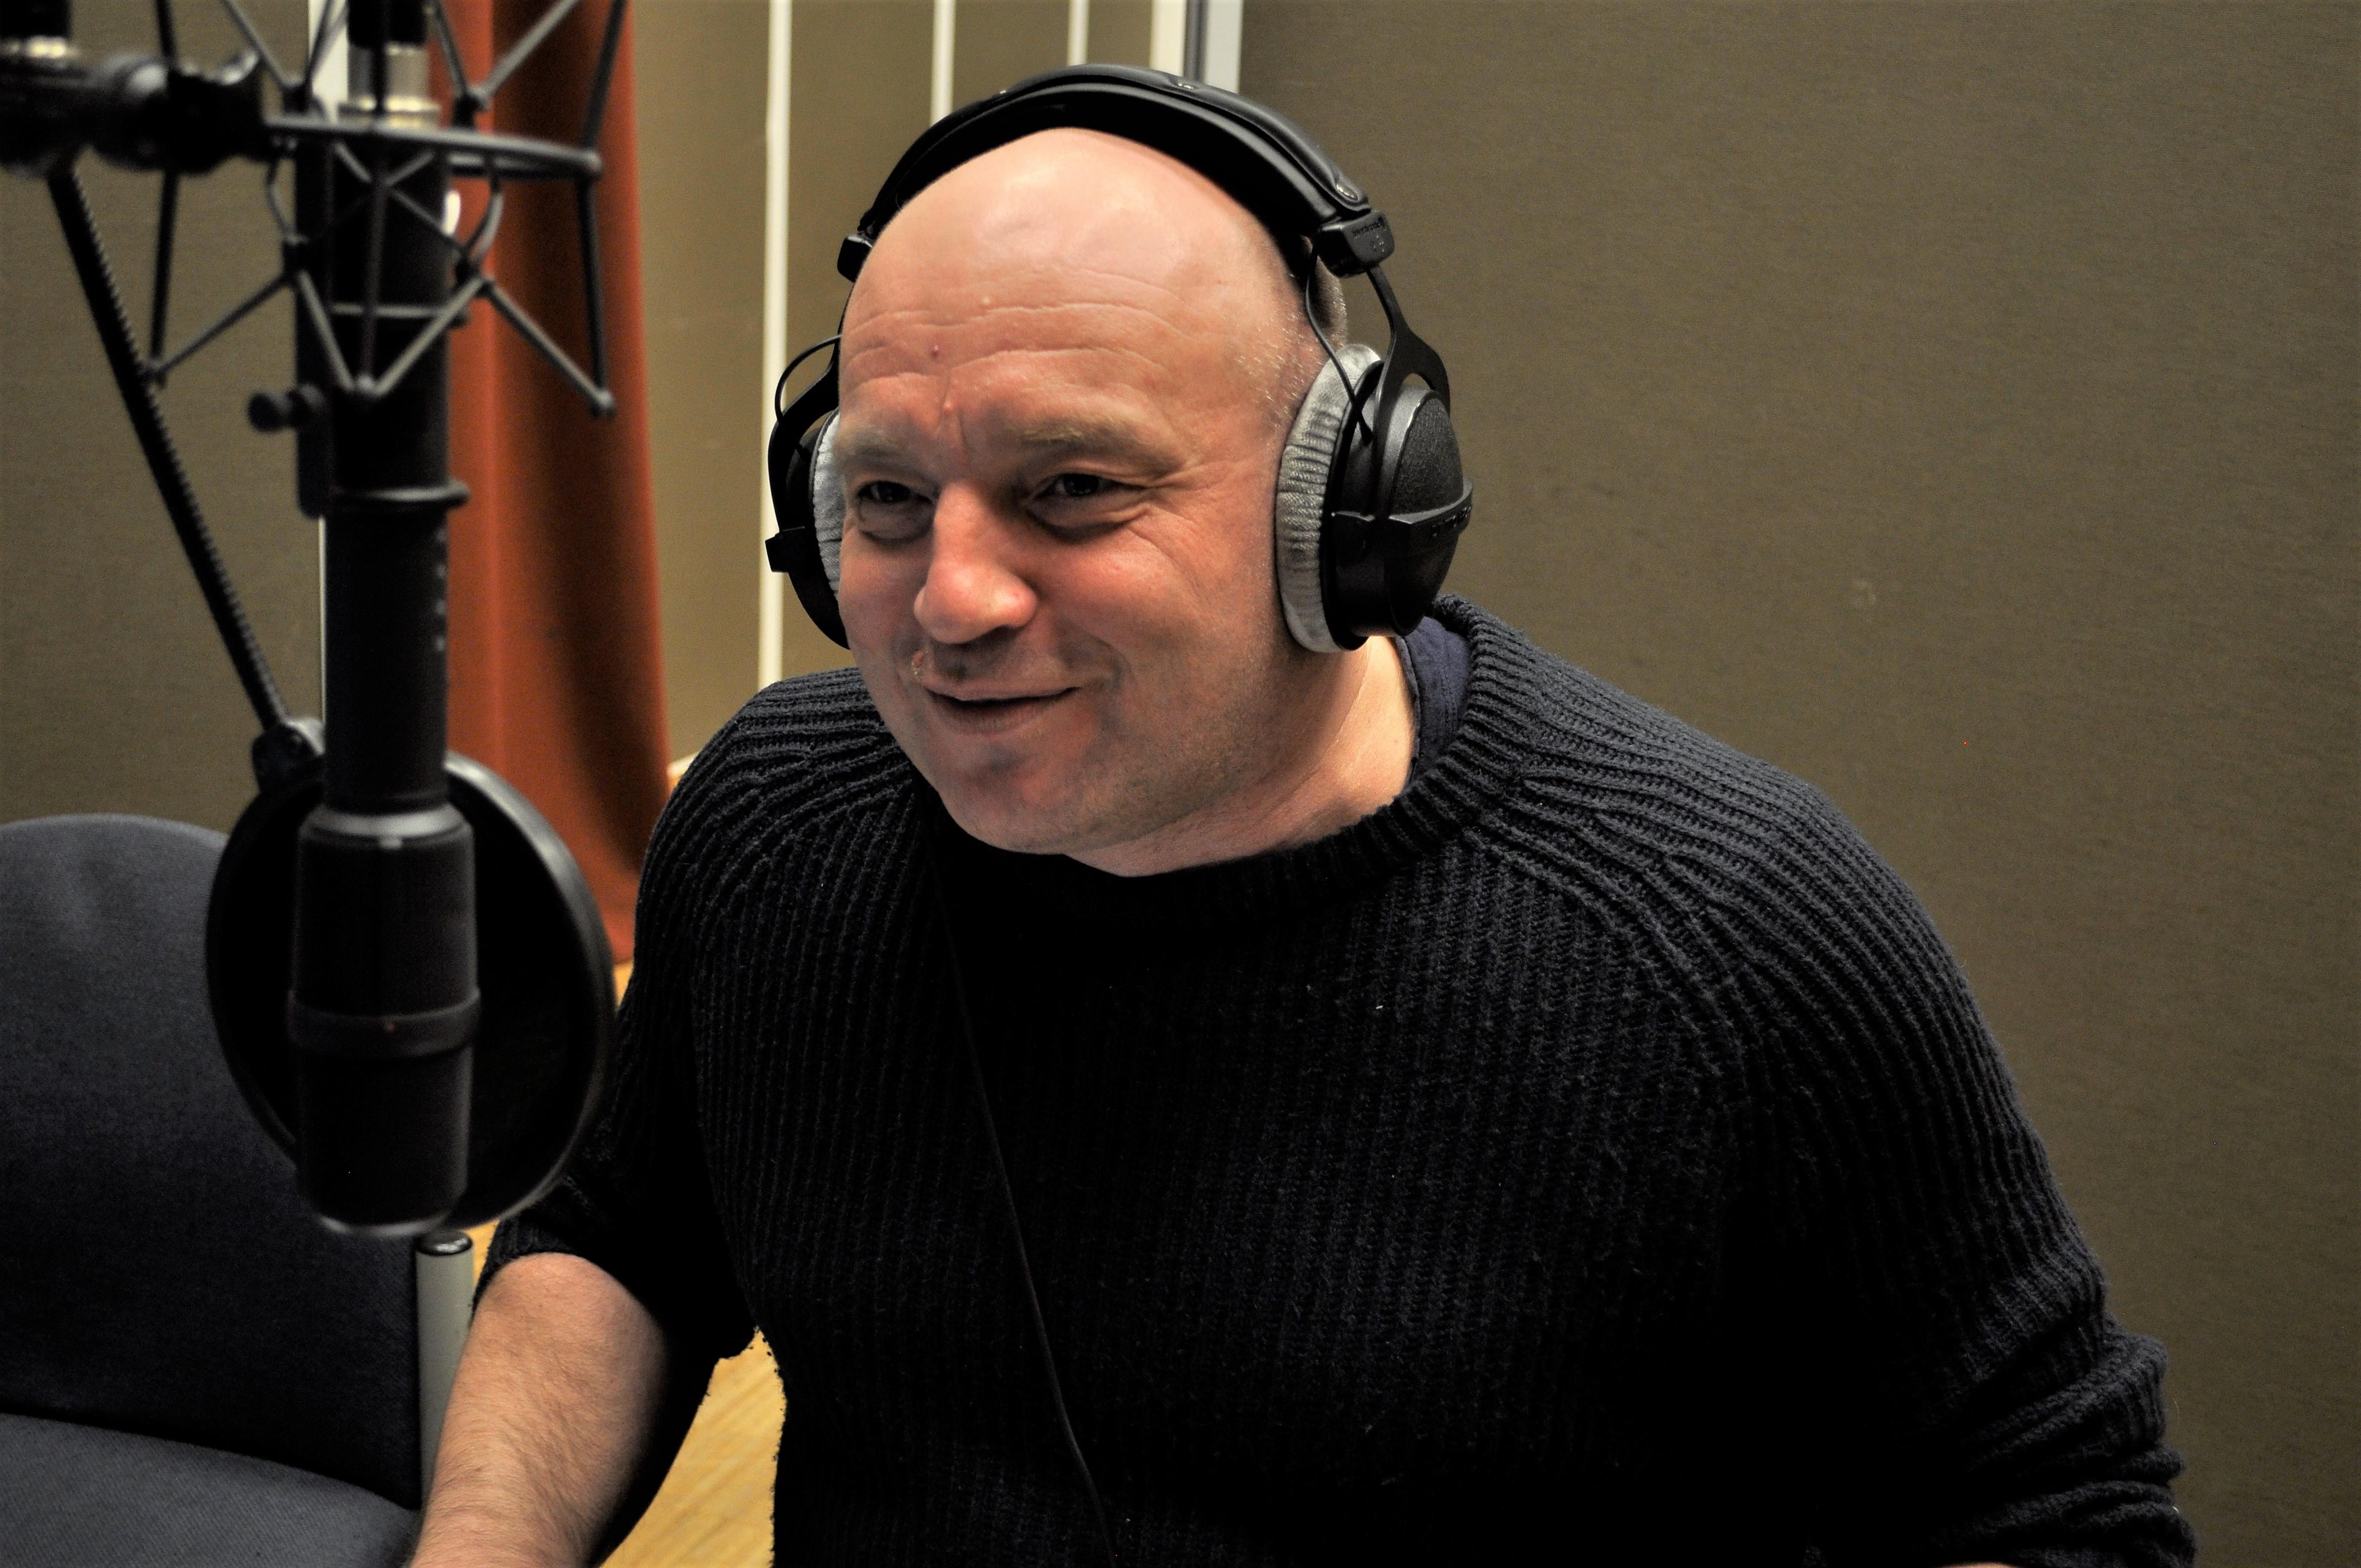 Filip Frątczak - Hubert Jach